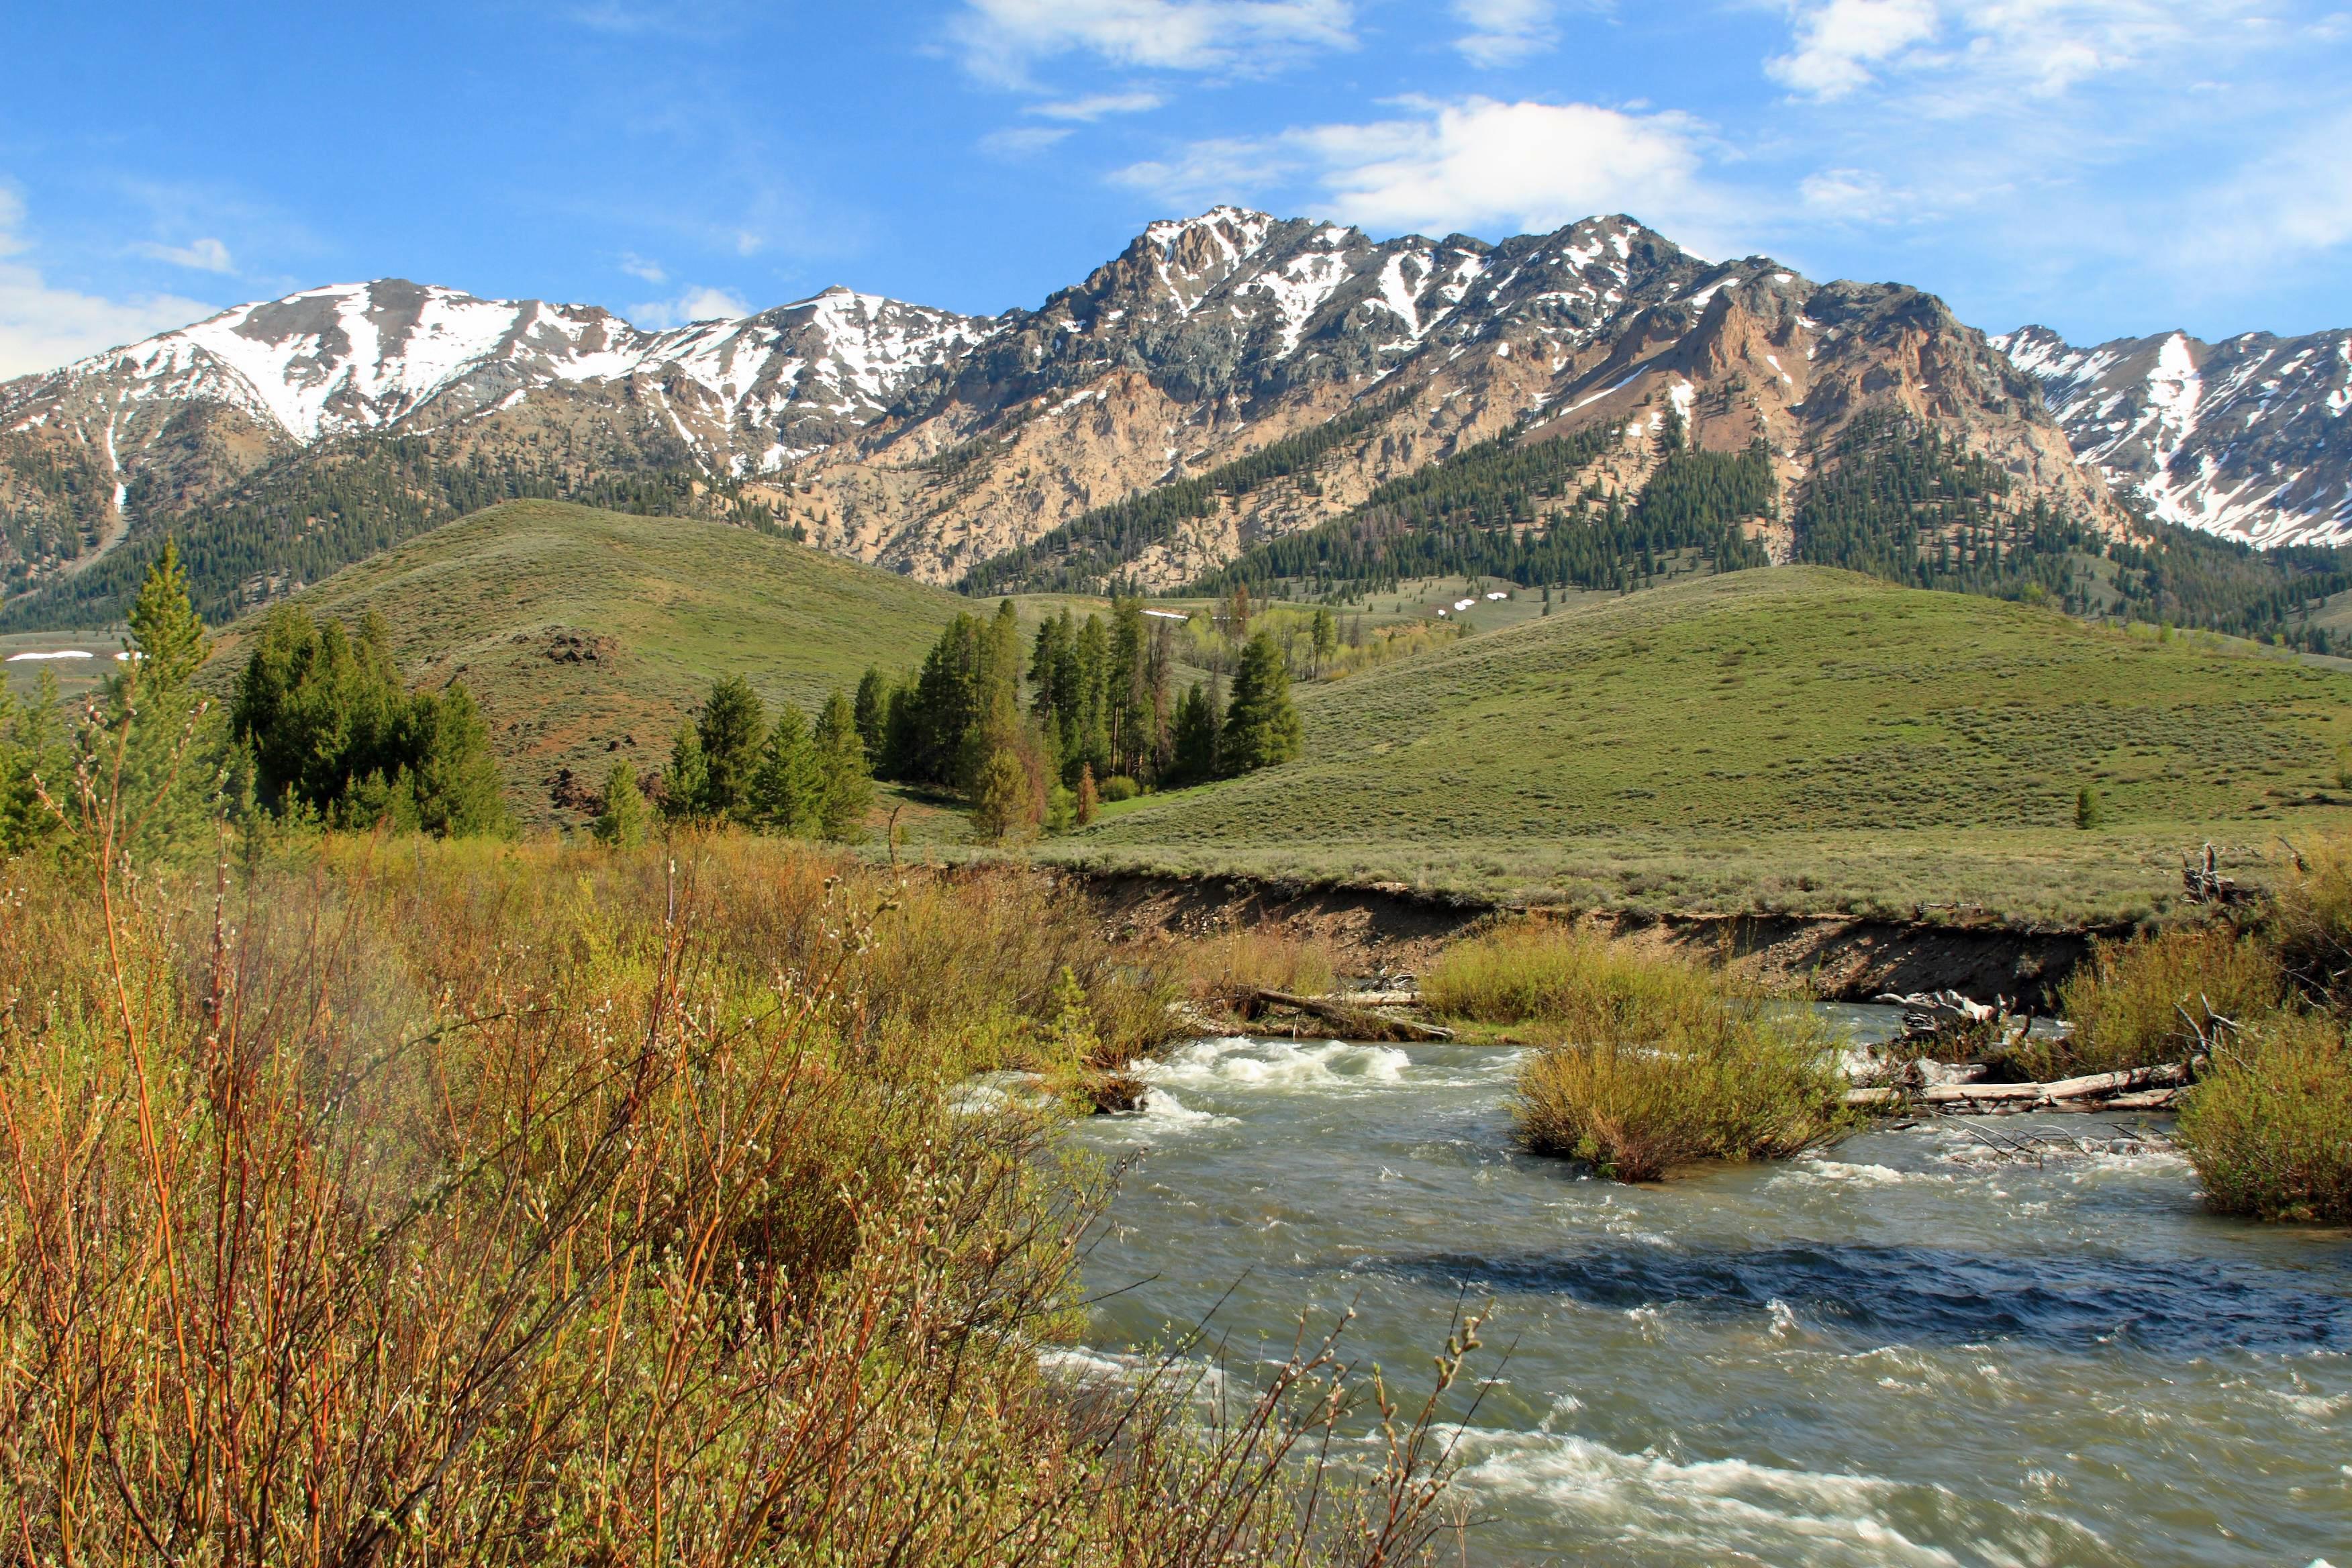 File:Outside of Ketchum, Idaho.jpg - Wikipedia, the free encyclopedia